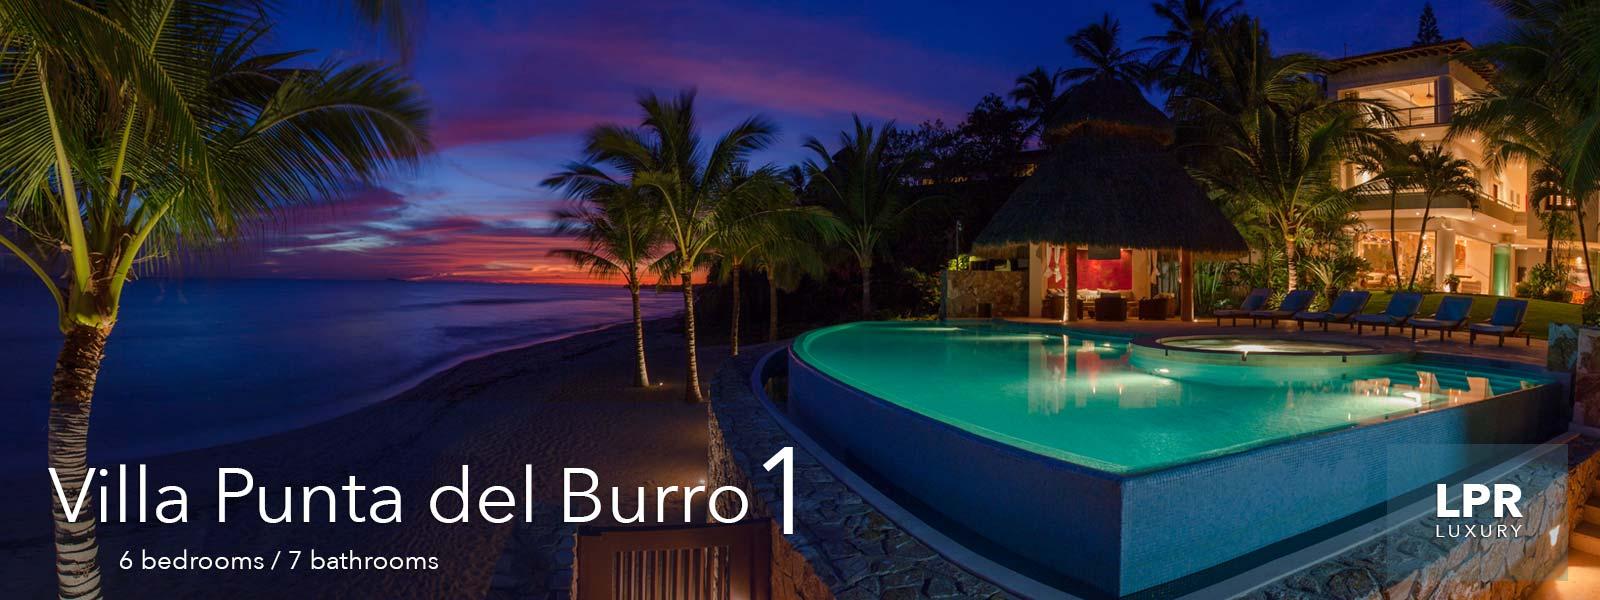 Villa Punta del Burro 1 - Punta de Mita, Riviera Nayarit, Mexico